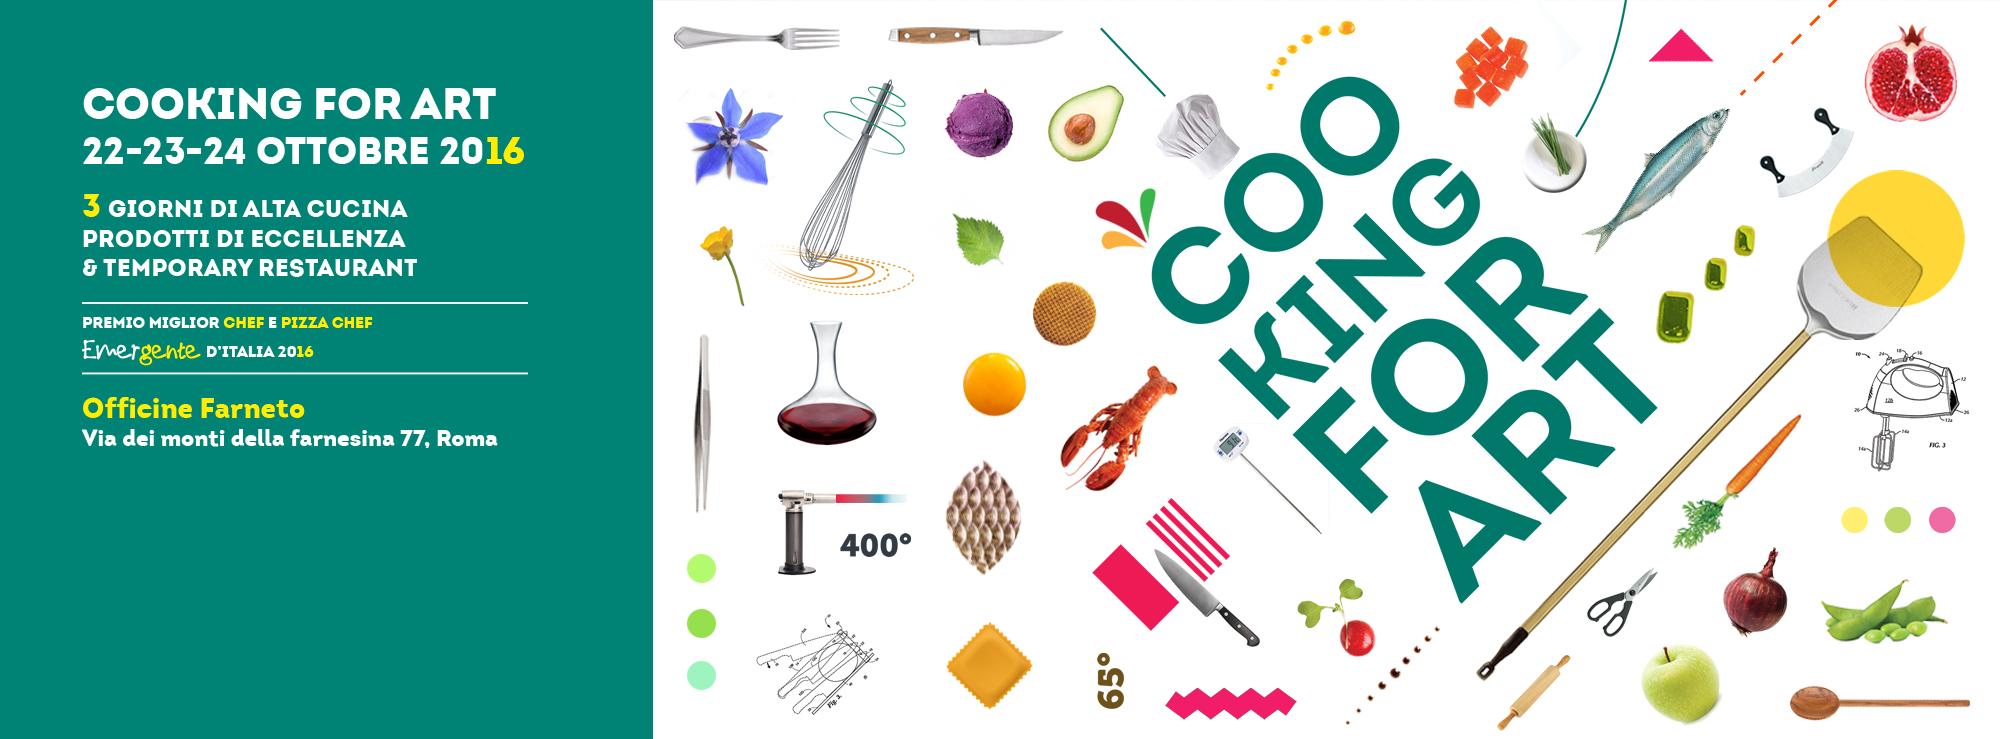 Cooking for Art chef e pizza chef Emergente 2016 - Touring Club Italiano